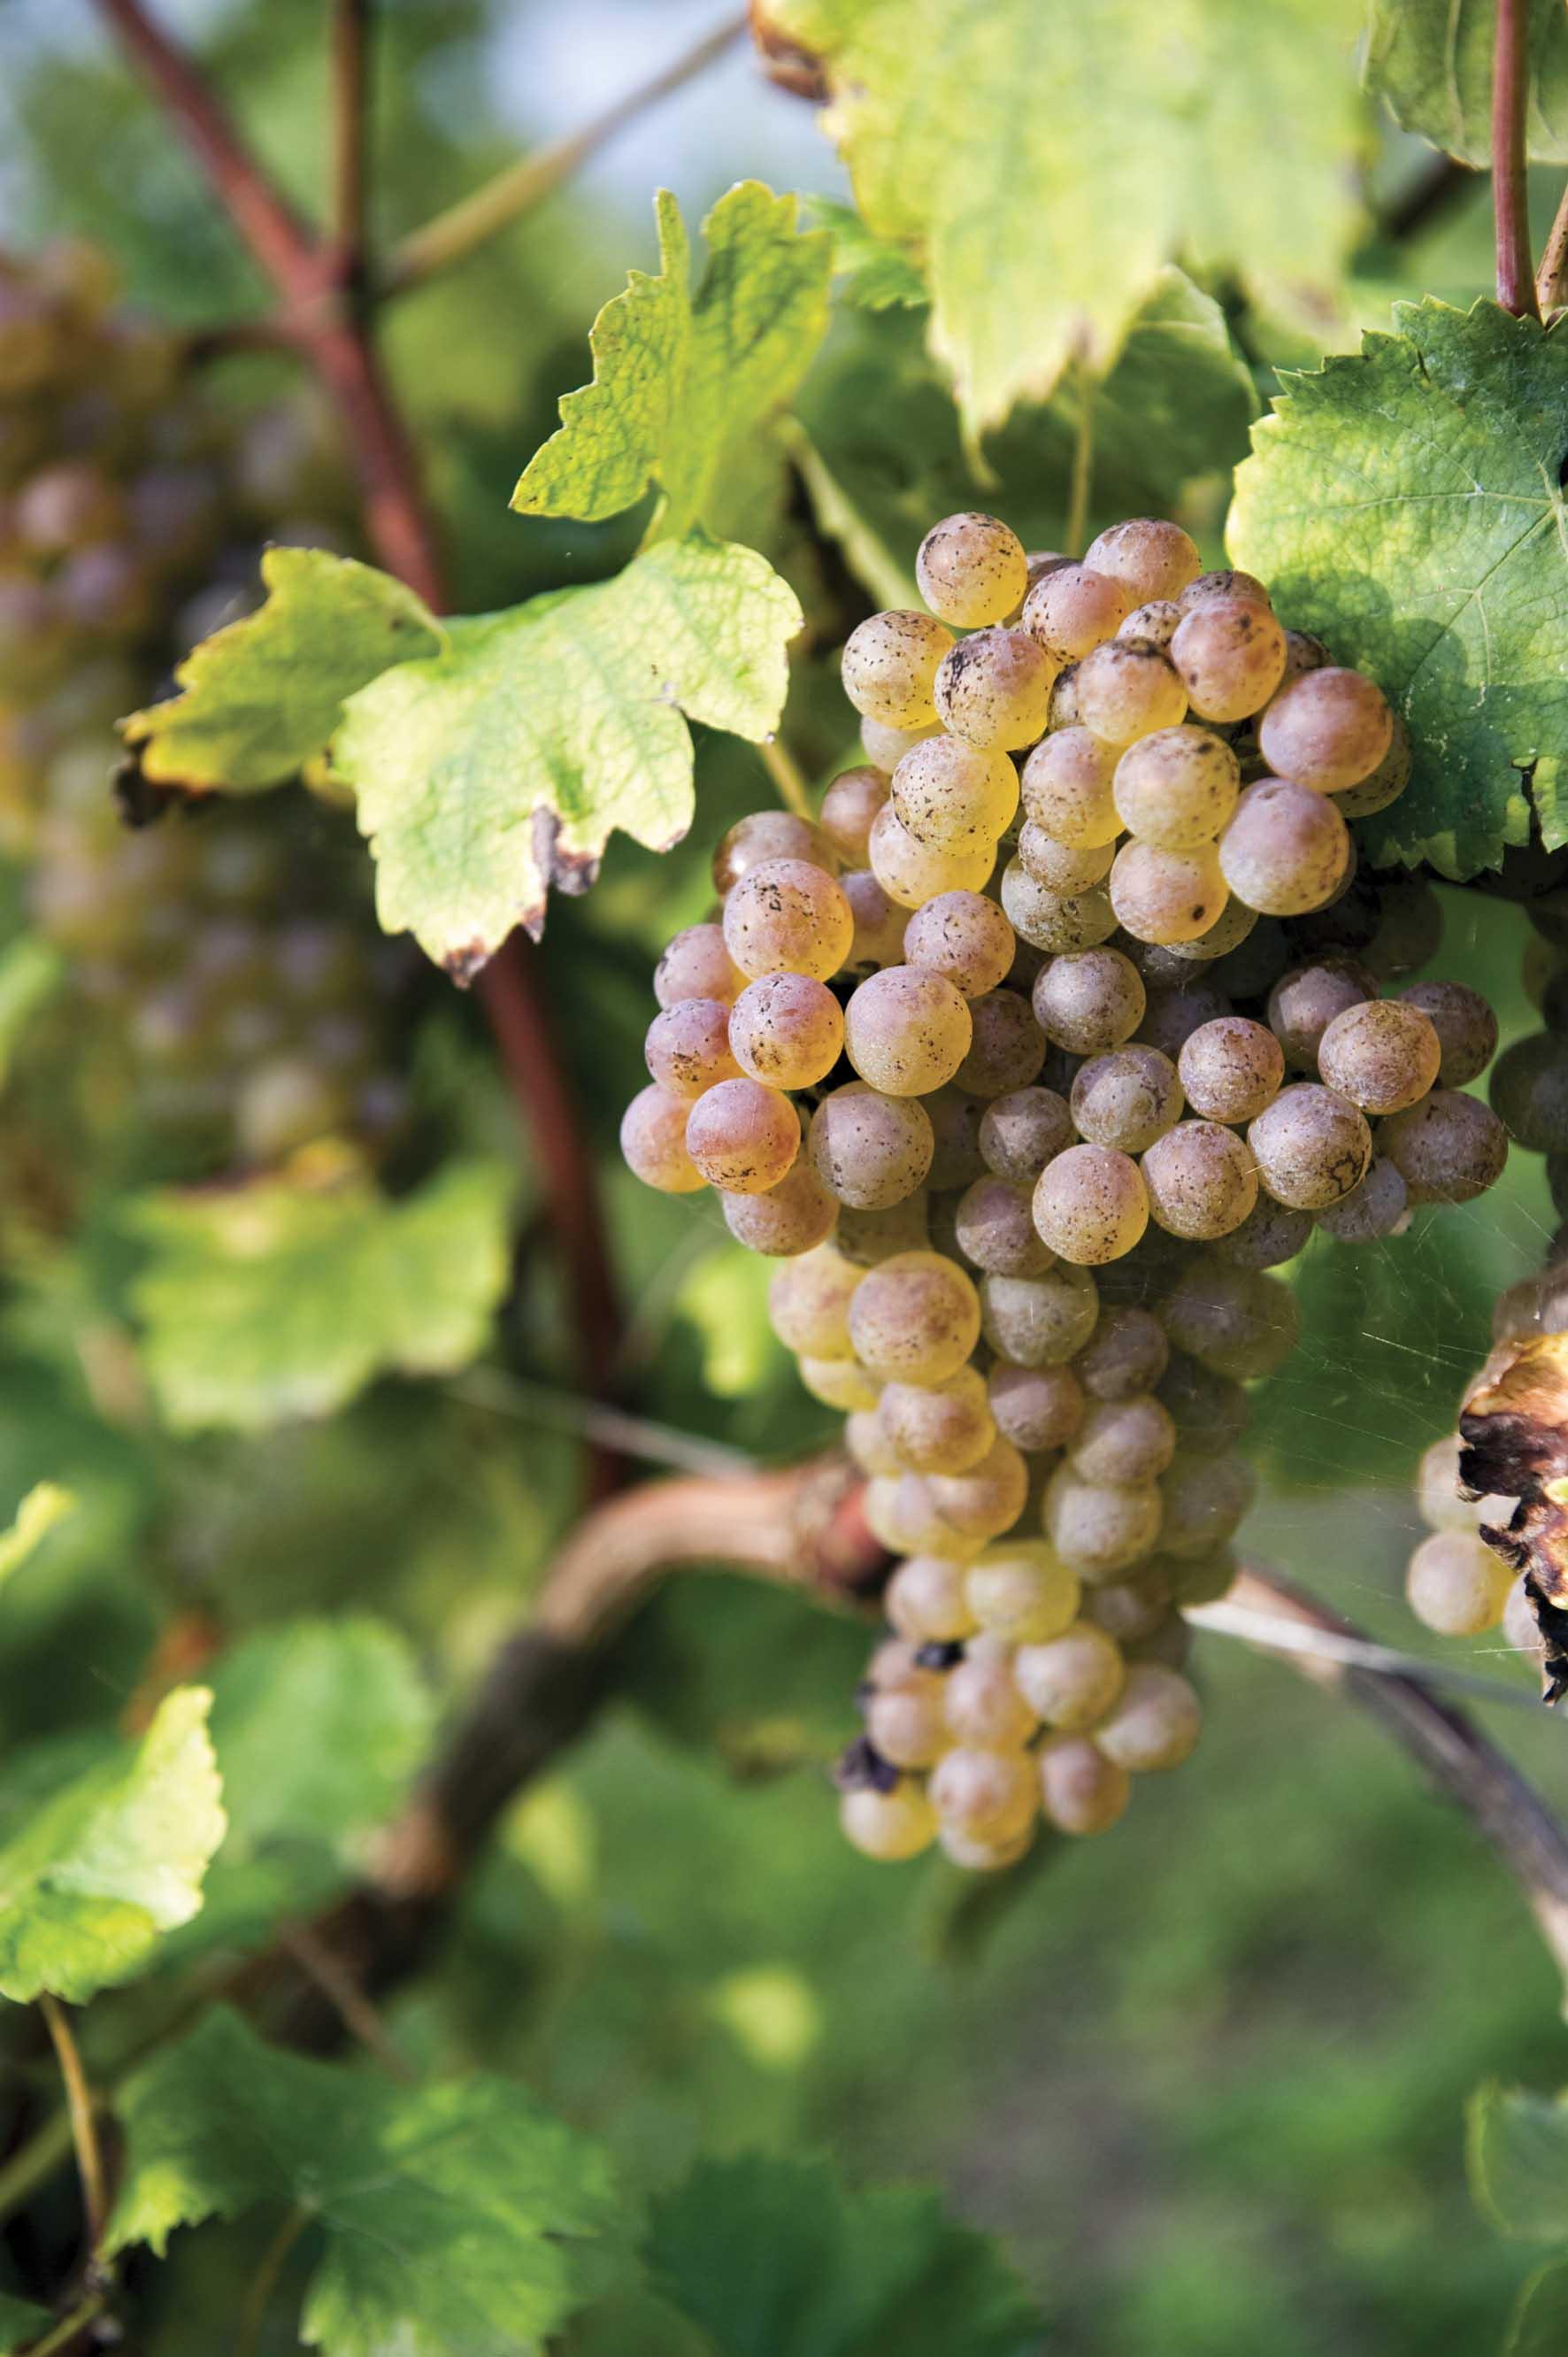 Azienda agricla la moretta grappolo uva bianca 1